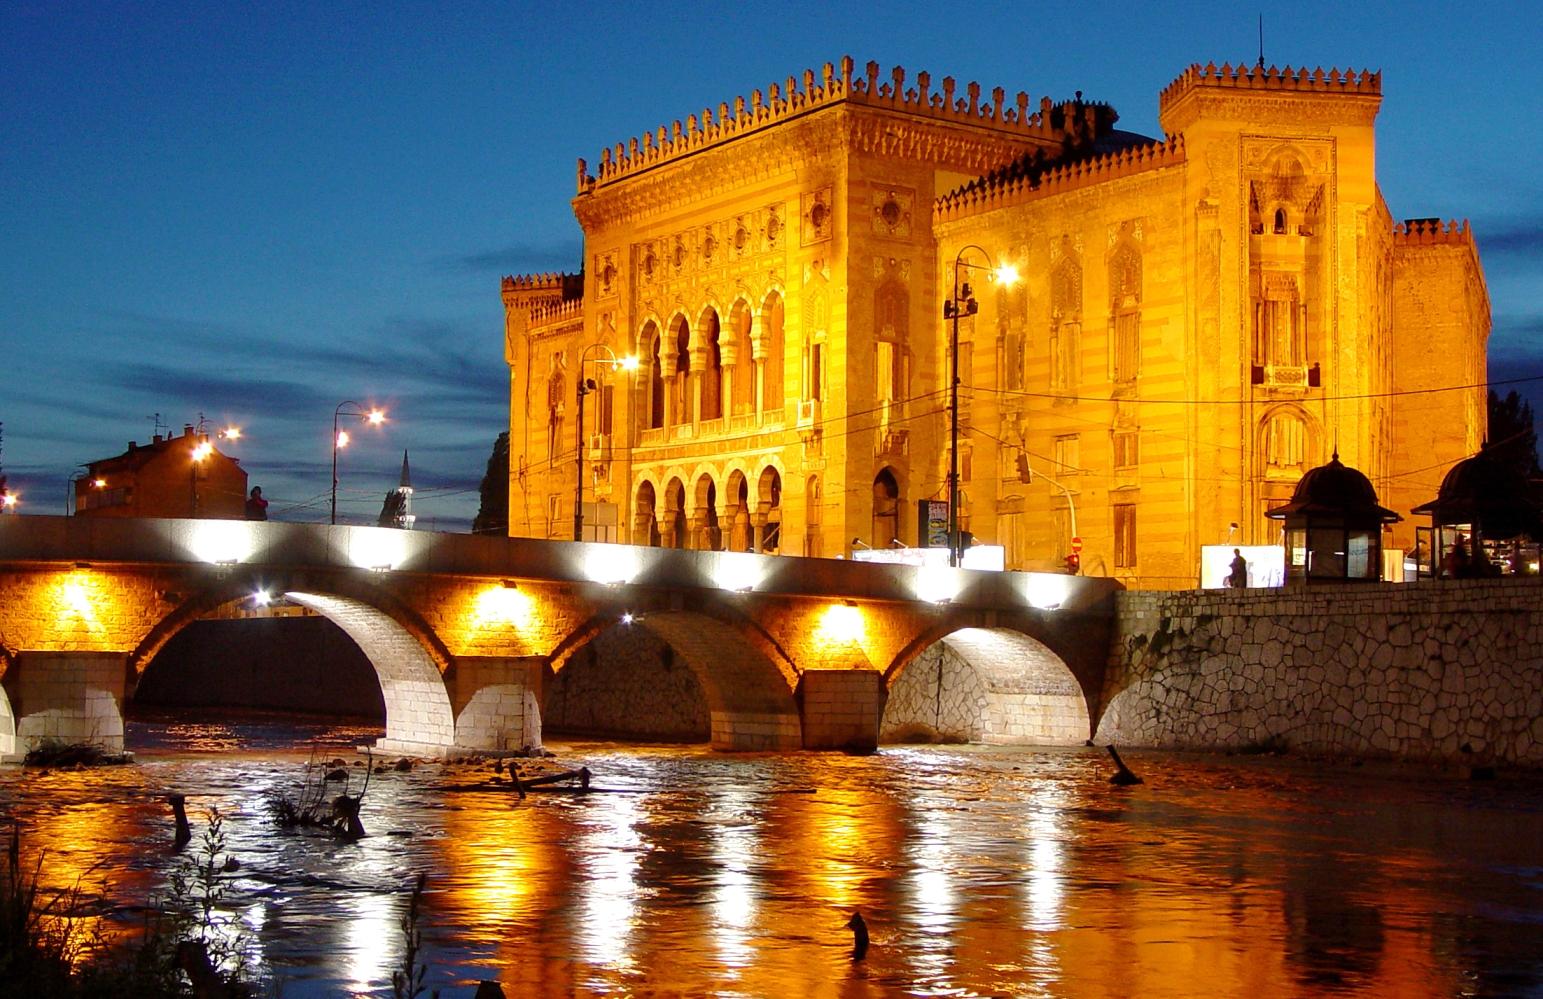 Pošalji mi razglednicu, neću SMS, po azbuci - Page 21 Sarajevo+20